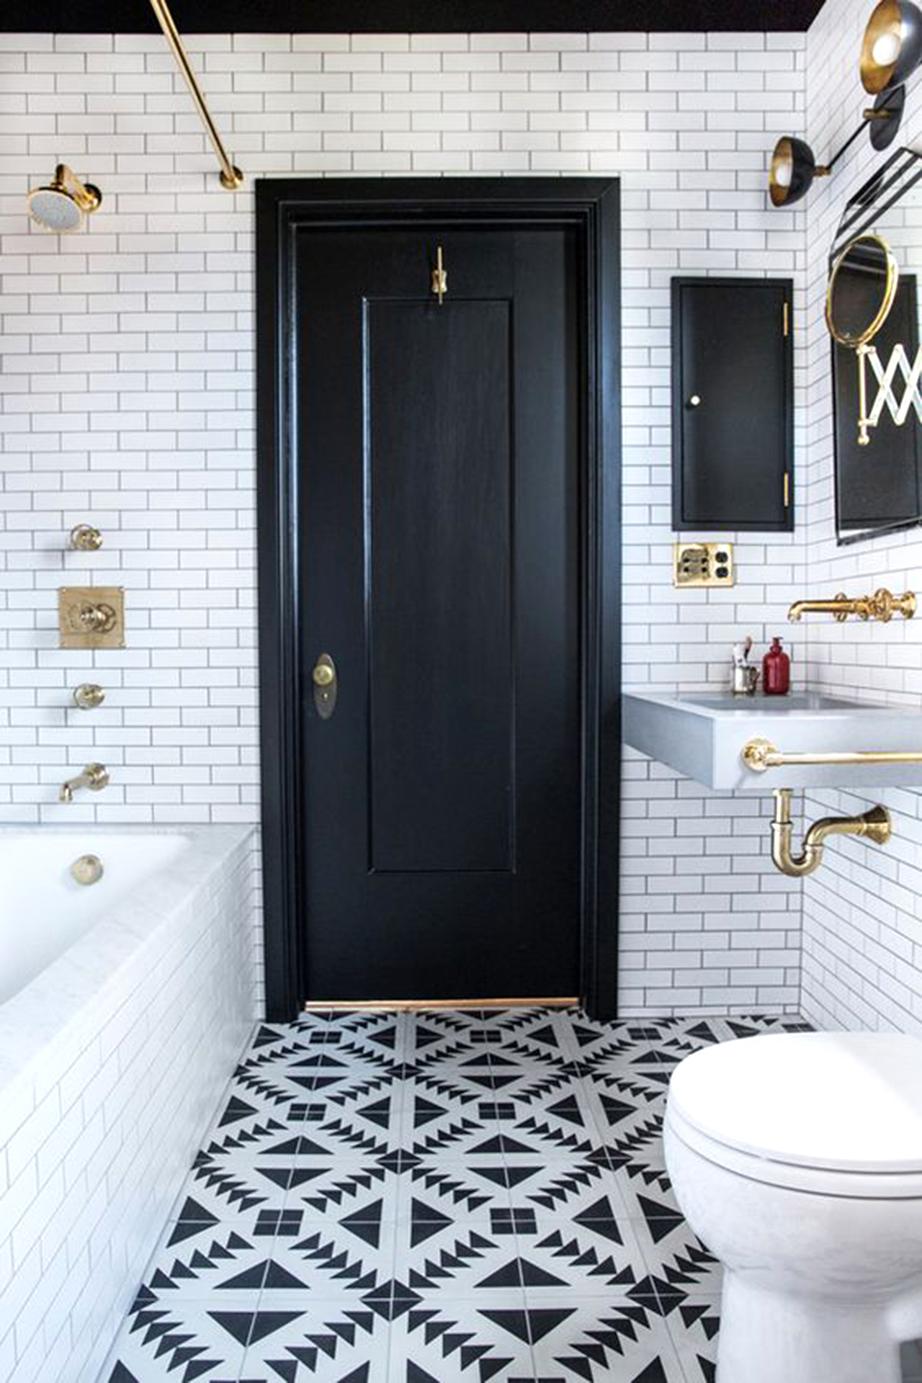 Το μαύρο του δαπέδου μοιάζει σαν να ρέει από το ταβάνι και την πόρτα.